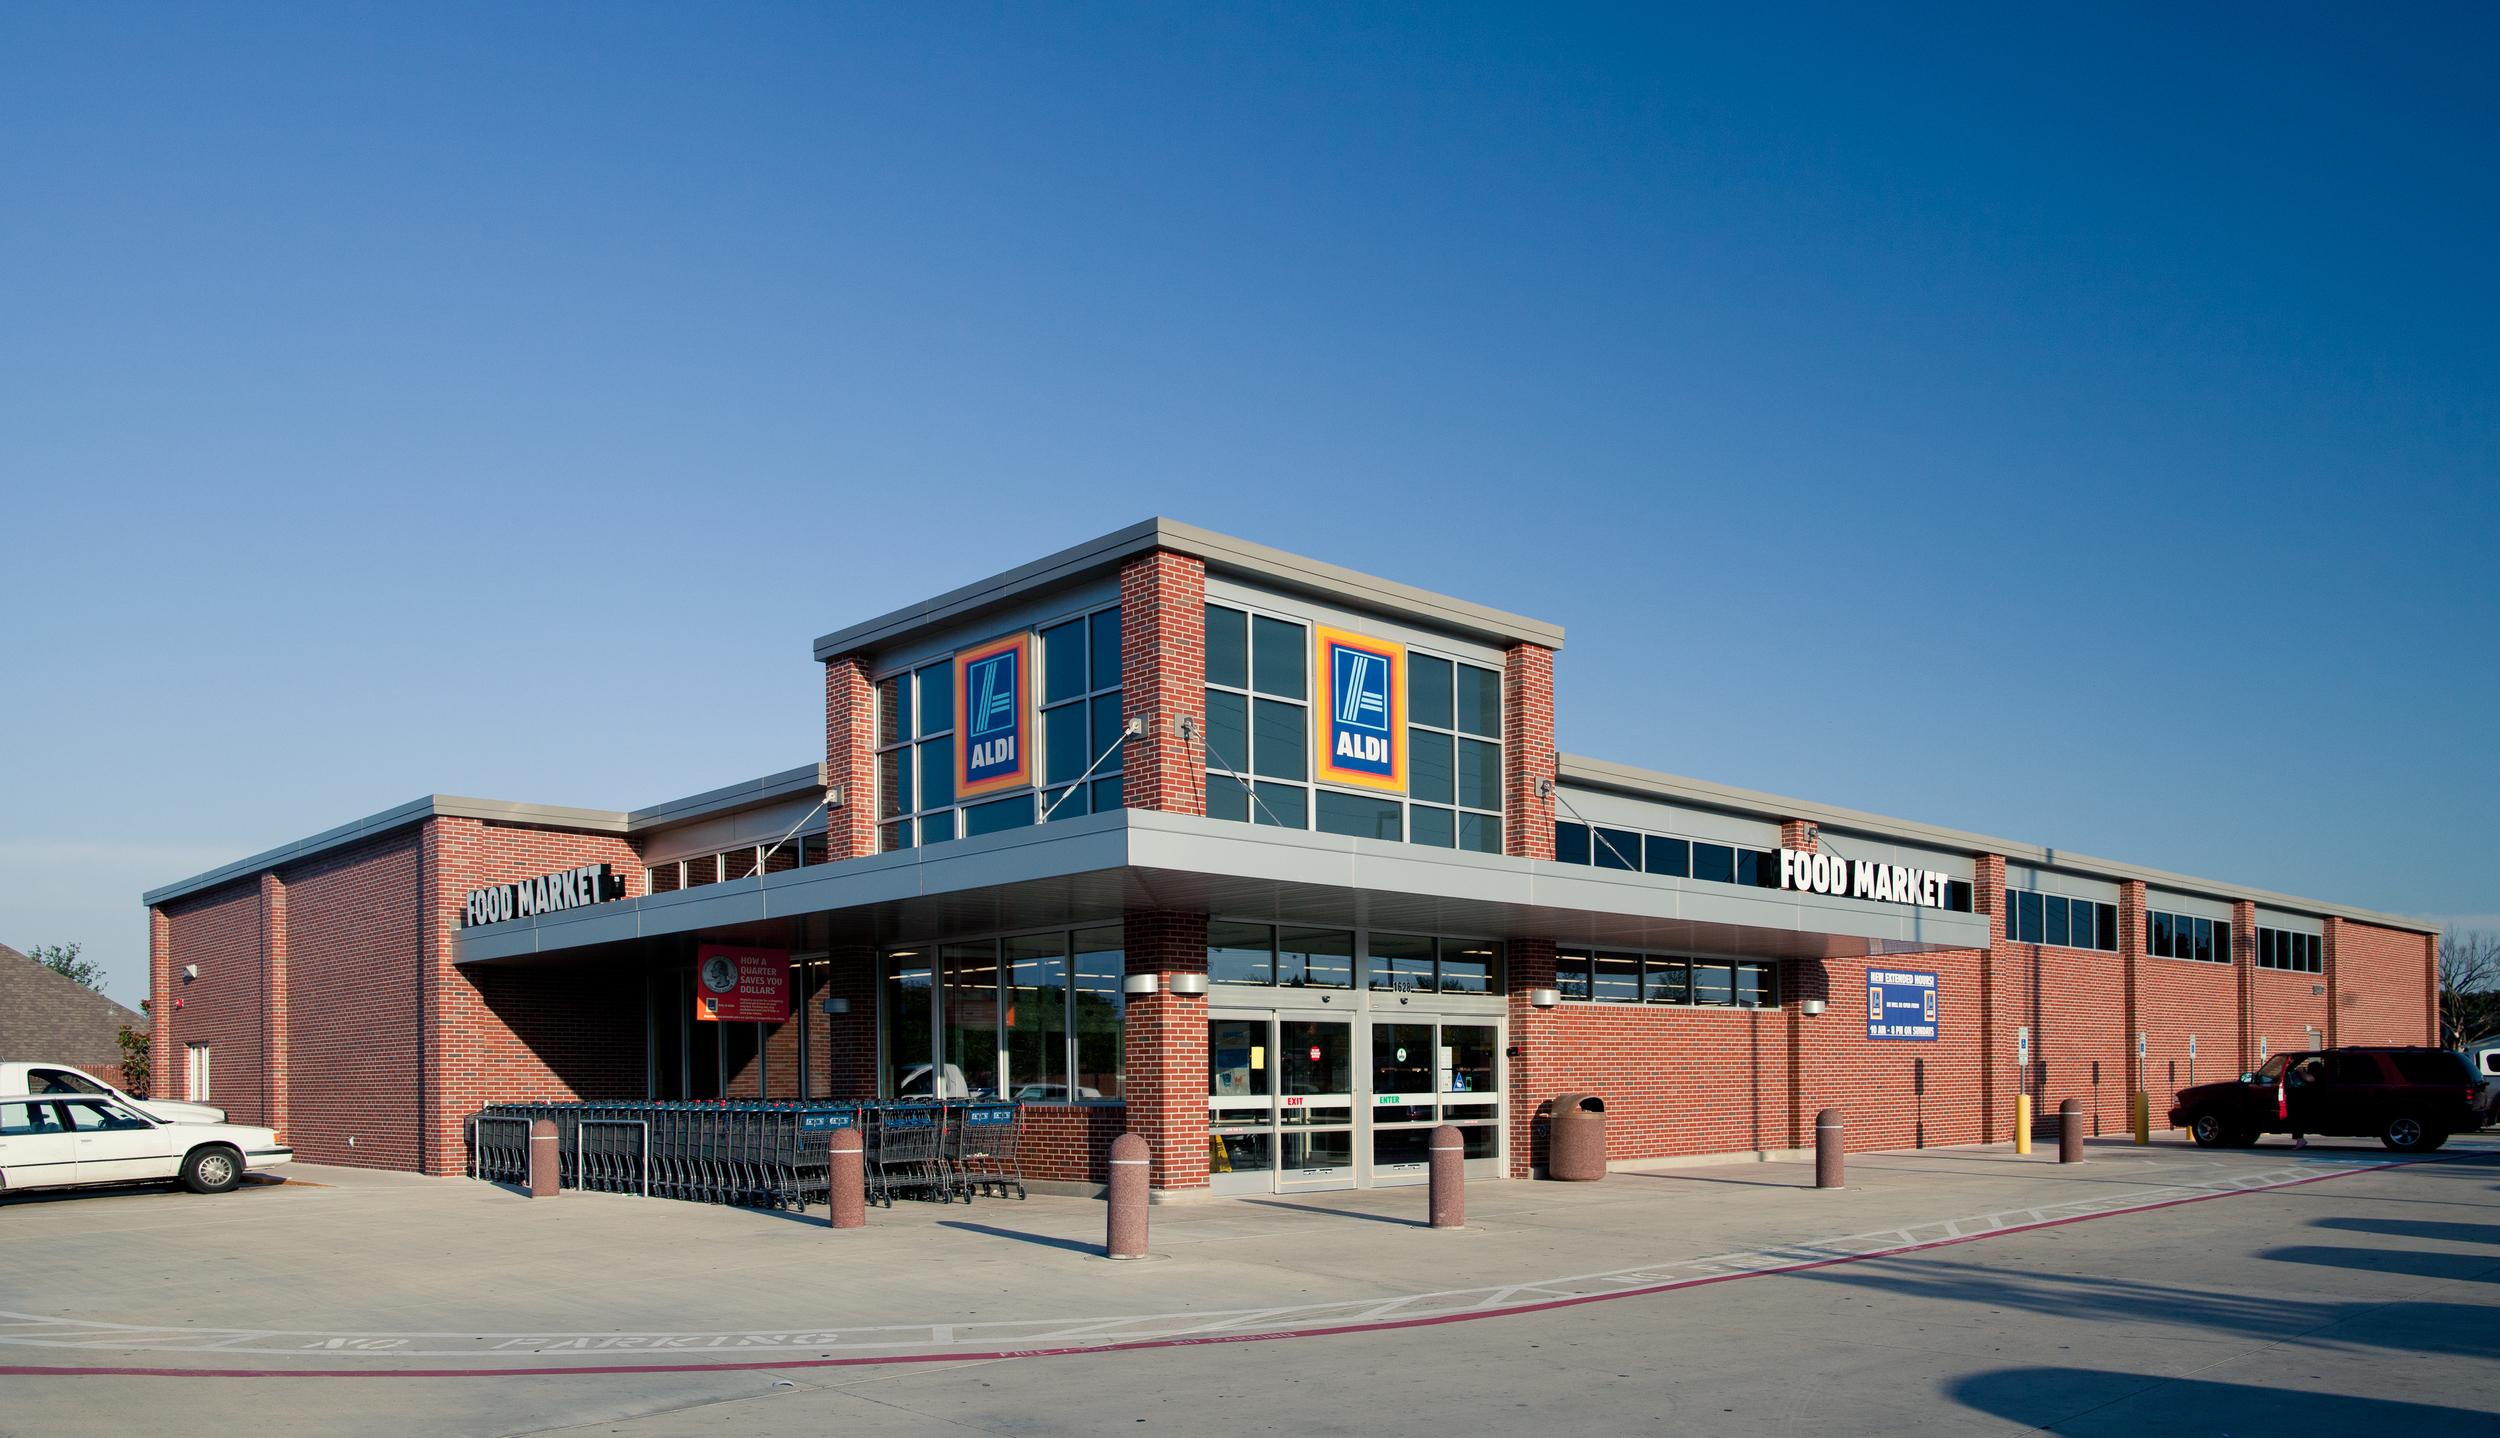 Aldi Food Market, Hurst, TX